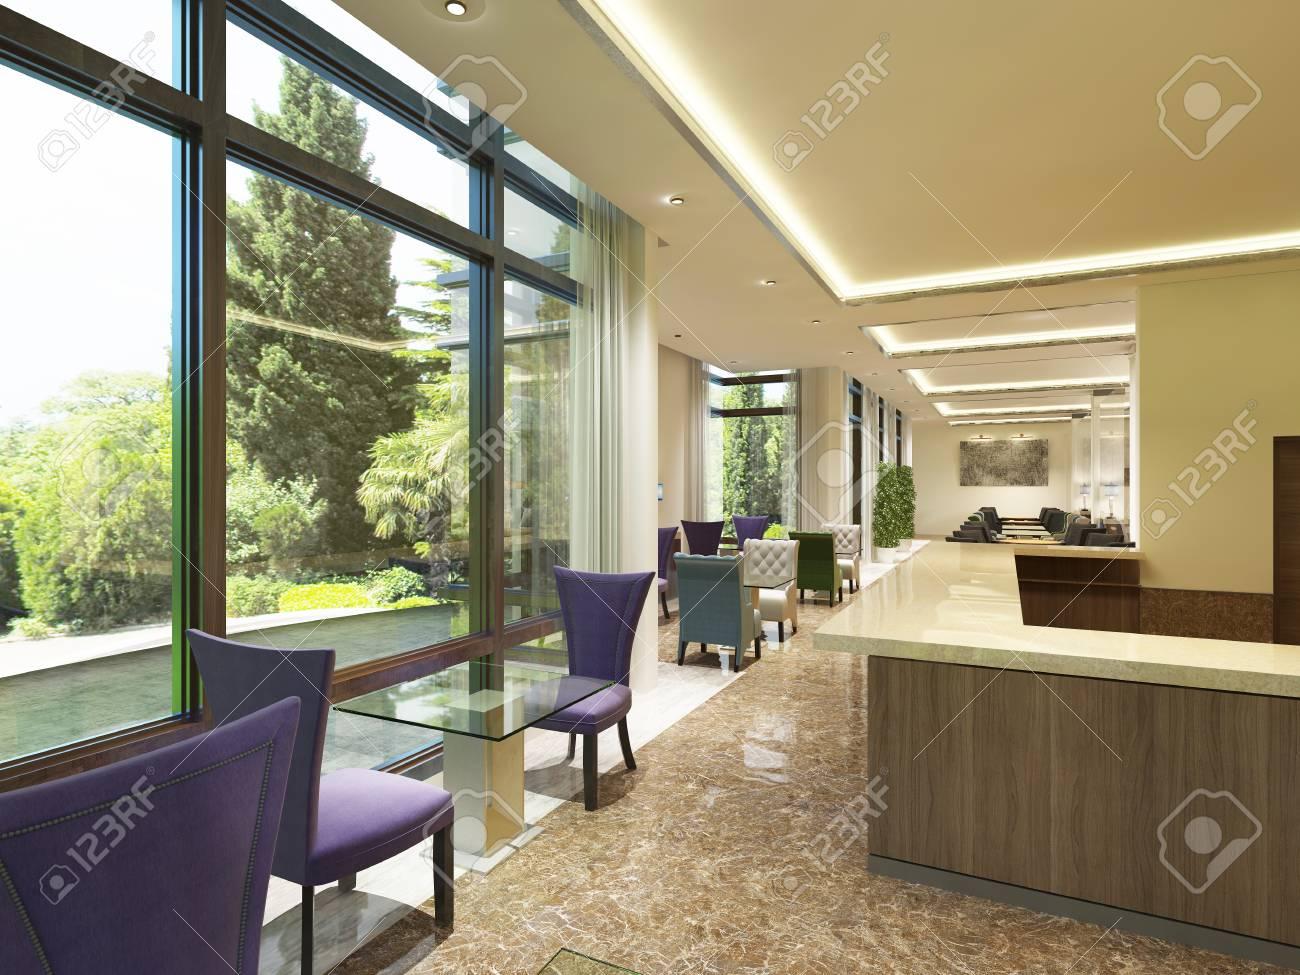 Das Moderne Design Der Cocktailbar Im Hotel Mit Großen Fenstern. Farbige  Stühle Mit Einem Glastisch